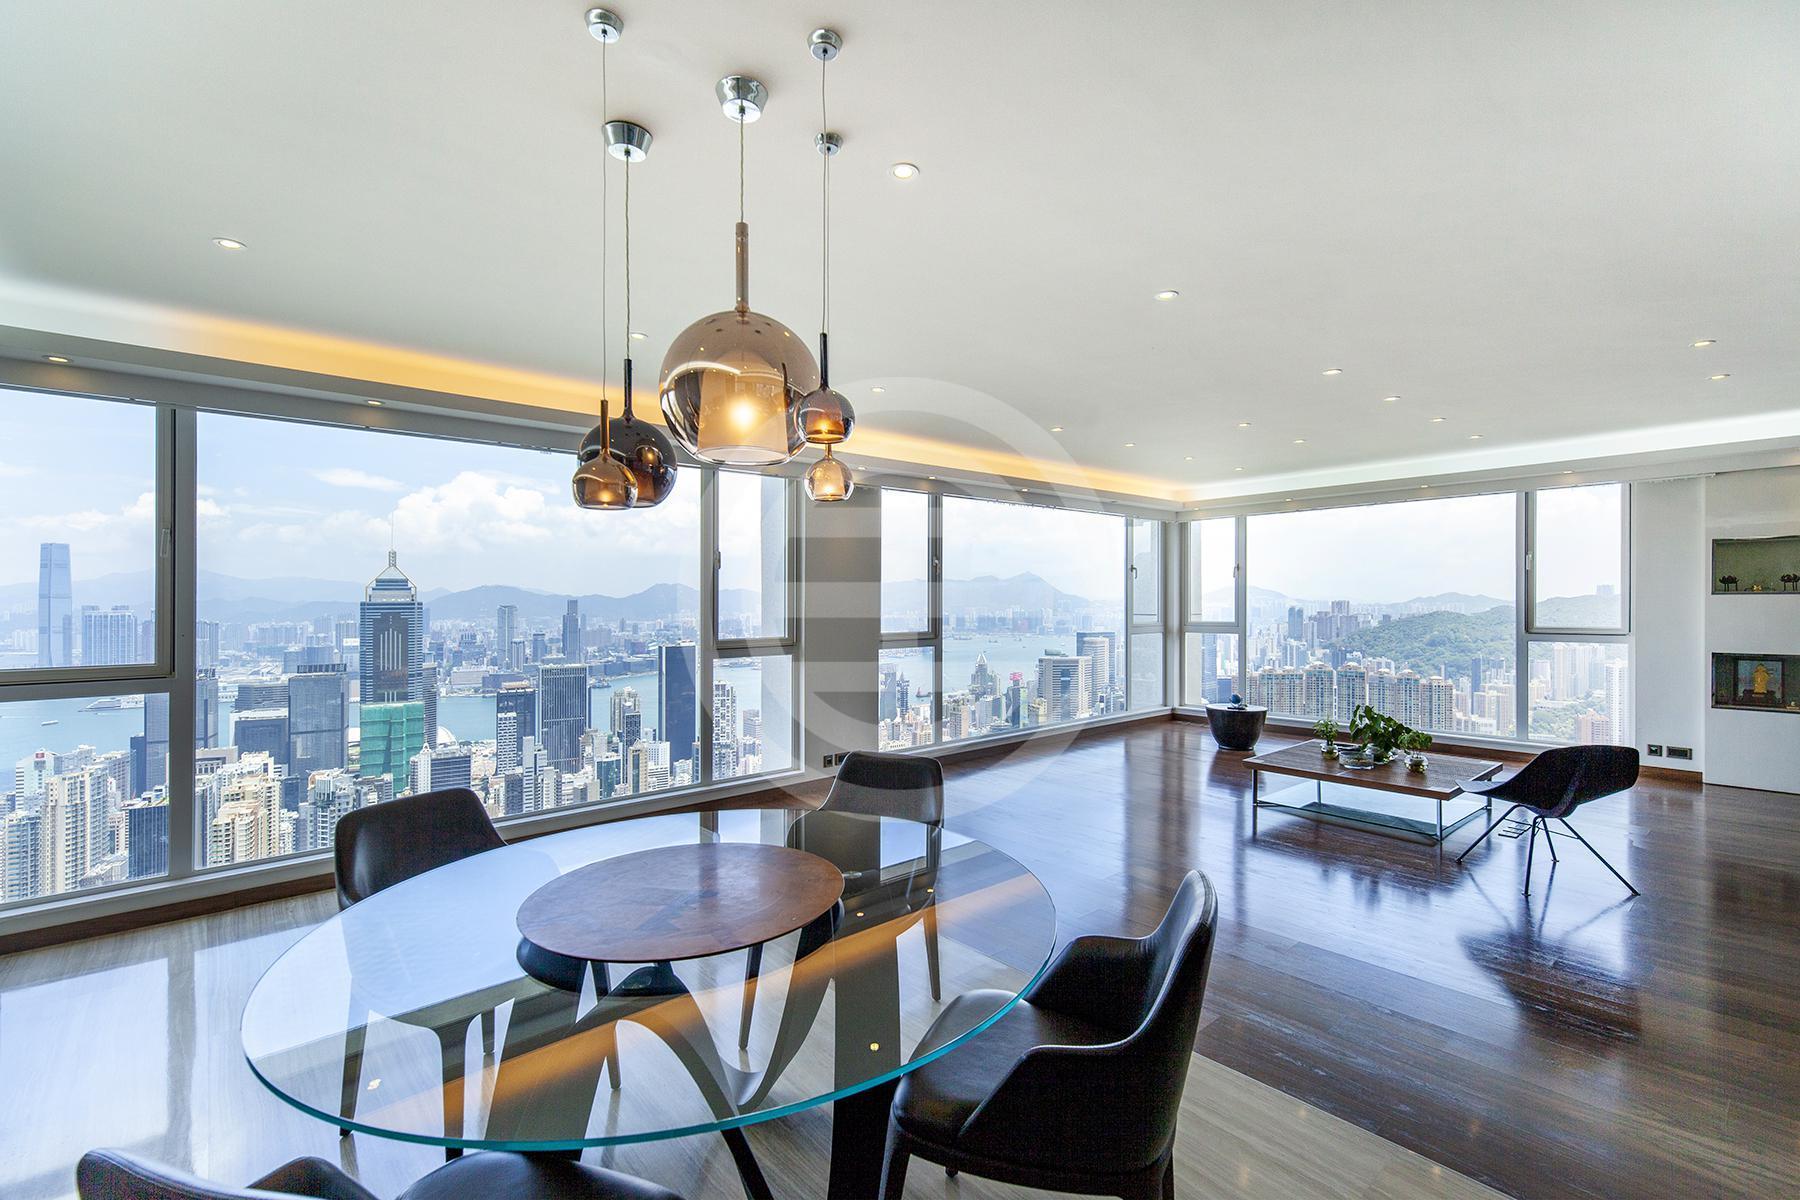 居外精选香港房源1:东半山白璧6卧3卫豪华公寓,享有全海港和马场景观。(物业编号:39851918)点击查看房源更多信息